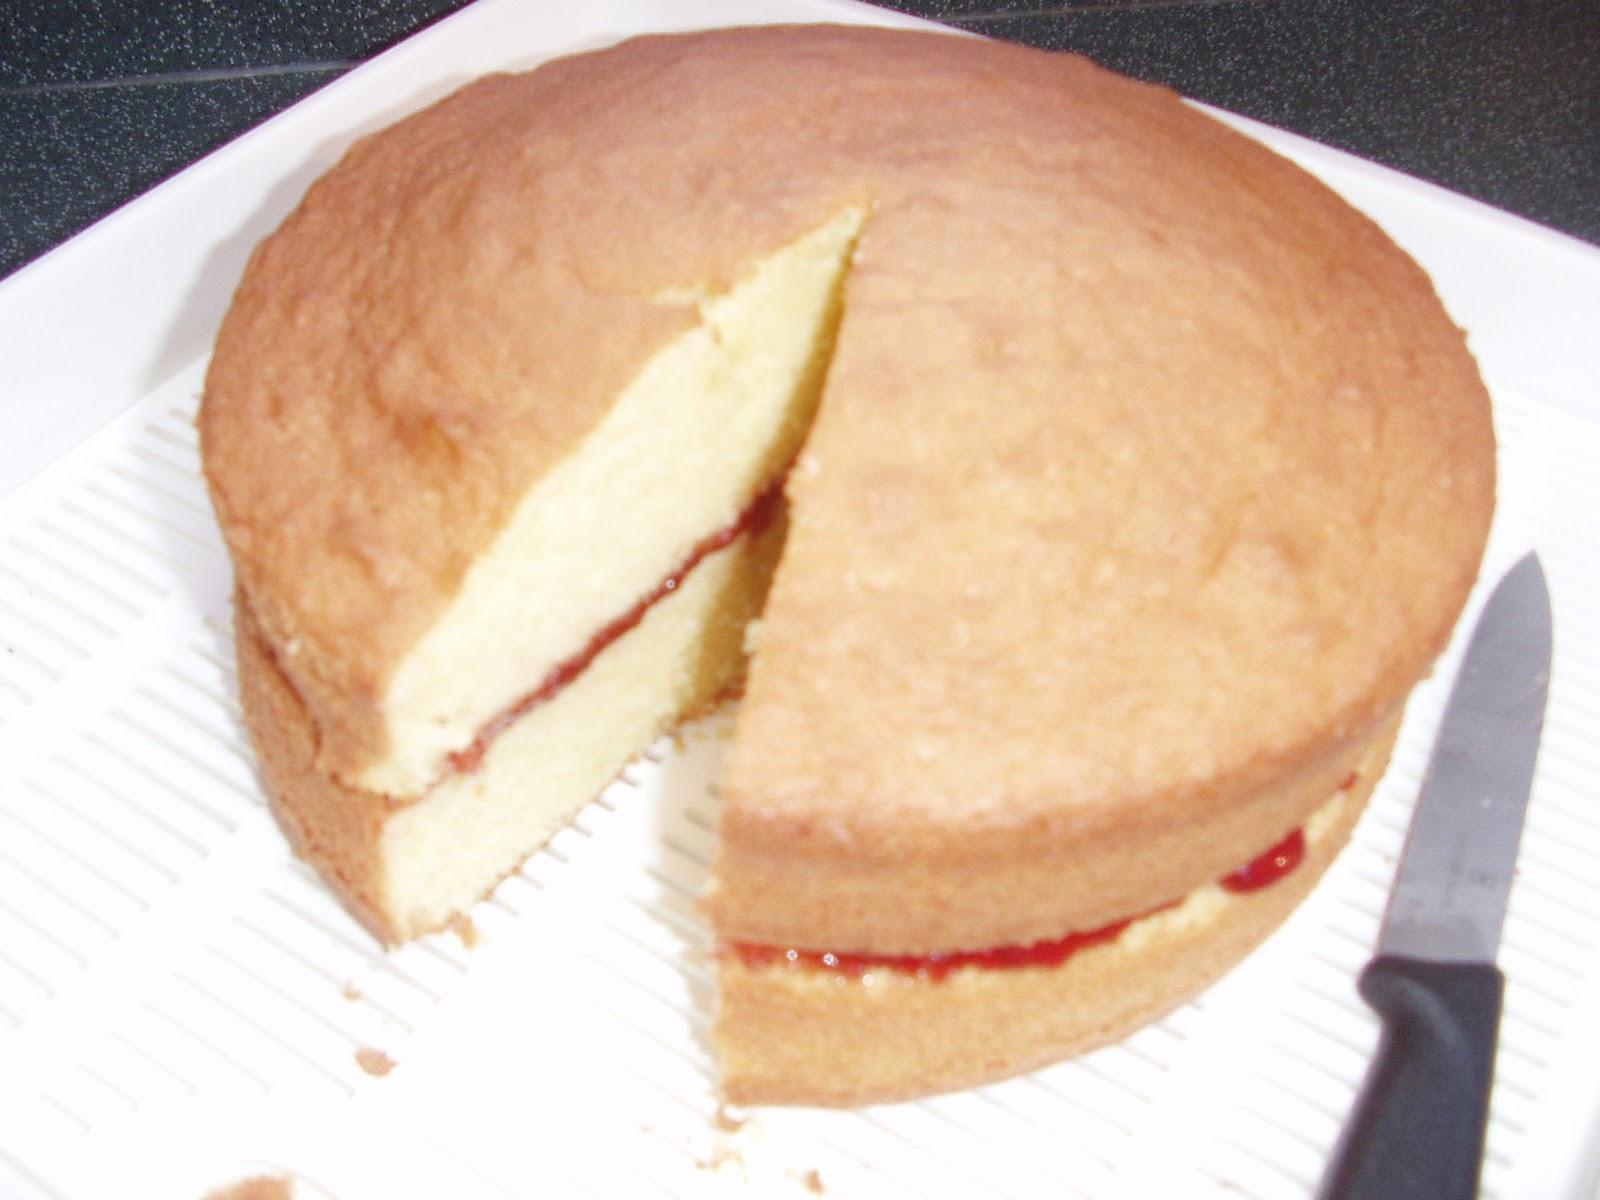 simple yummy food: Basic sponge cake with strawberry jam